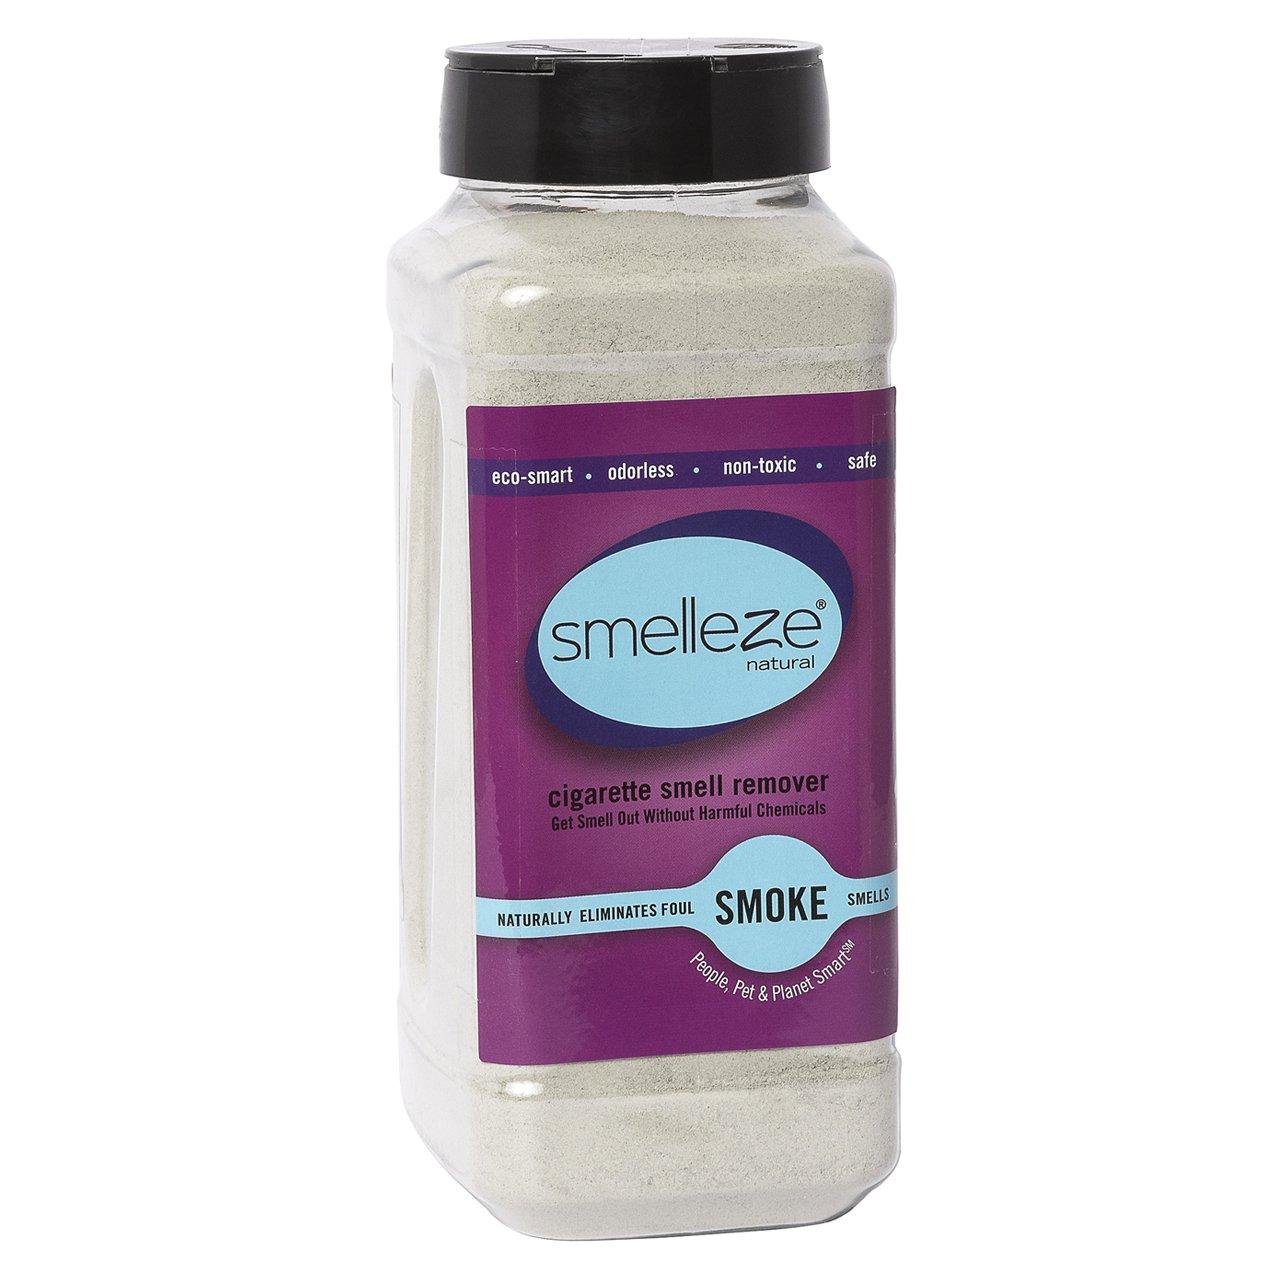 SMELLEZE Natural Cigarette Odor Eliminator Deodorizer: 2 lb. Granules Destroys Smoking Stink